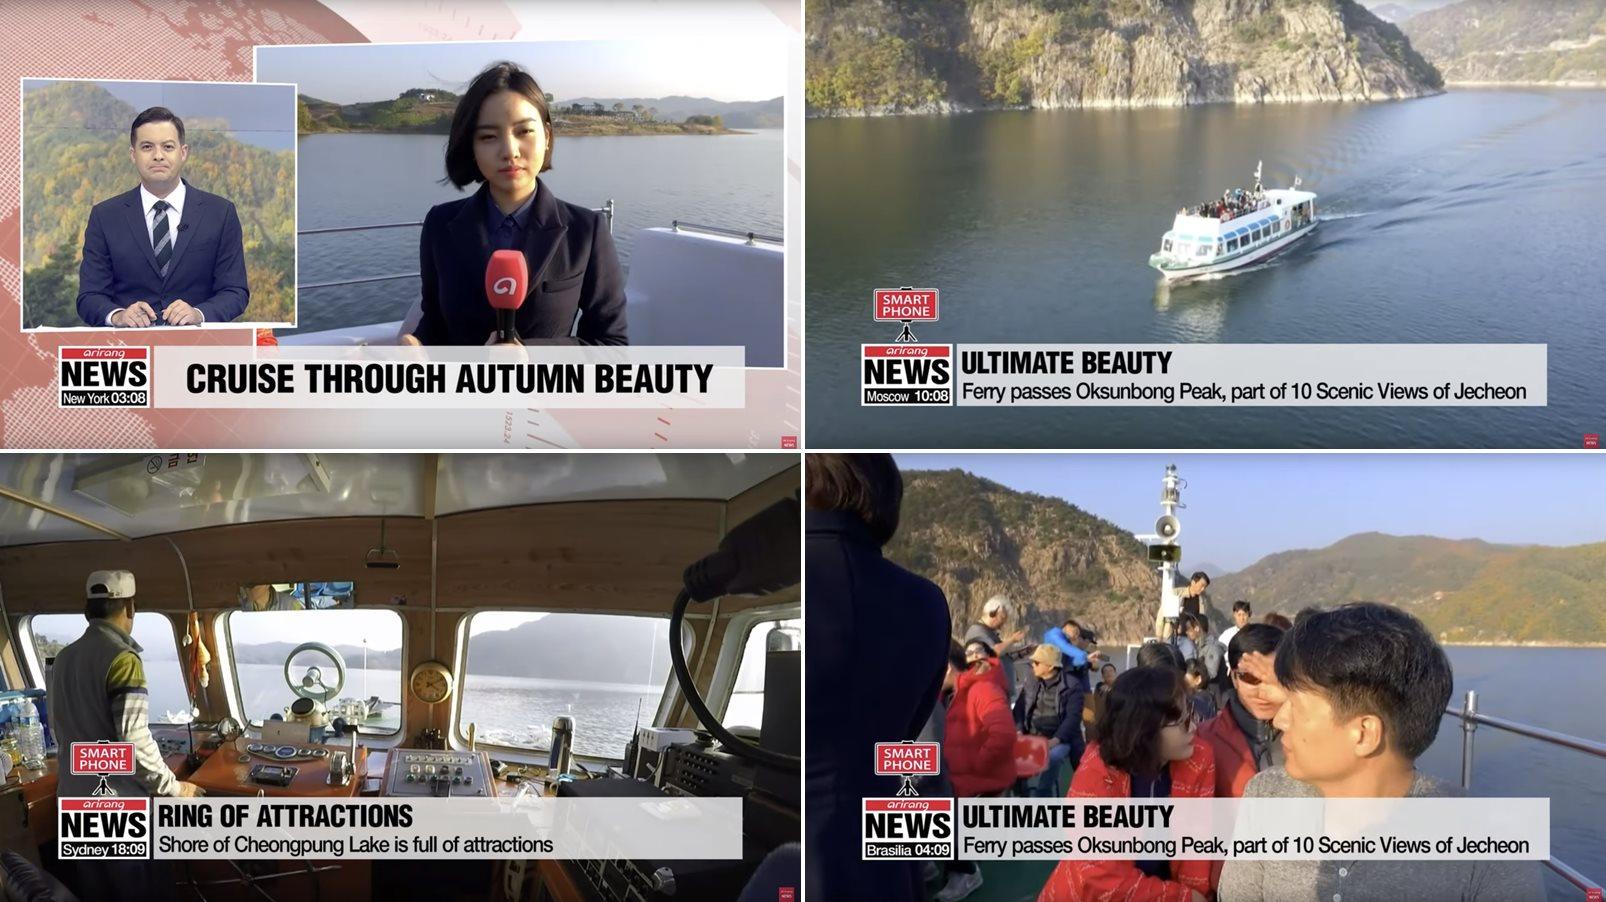 청풍호 유람선 뉴스 생중계 주요 방송 화면/ 2019.11.1.